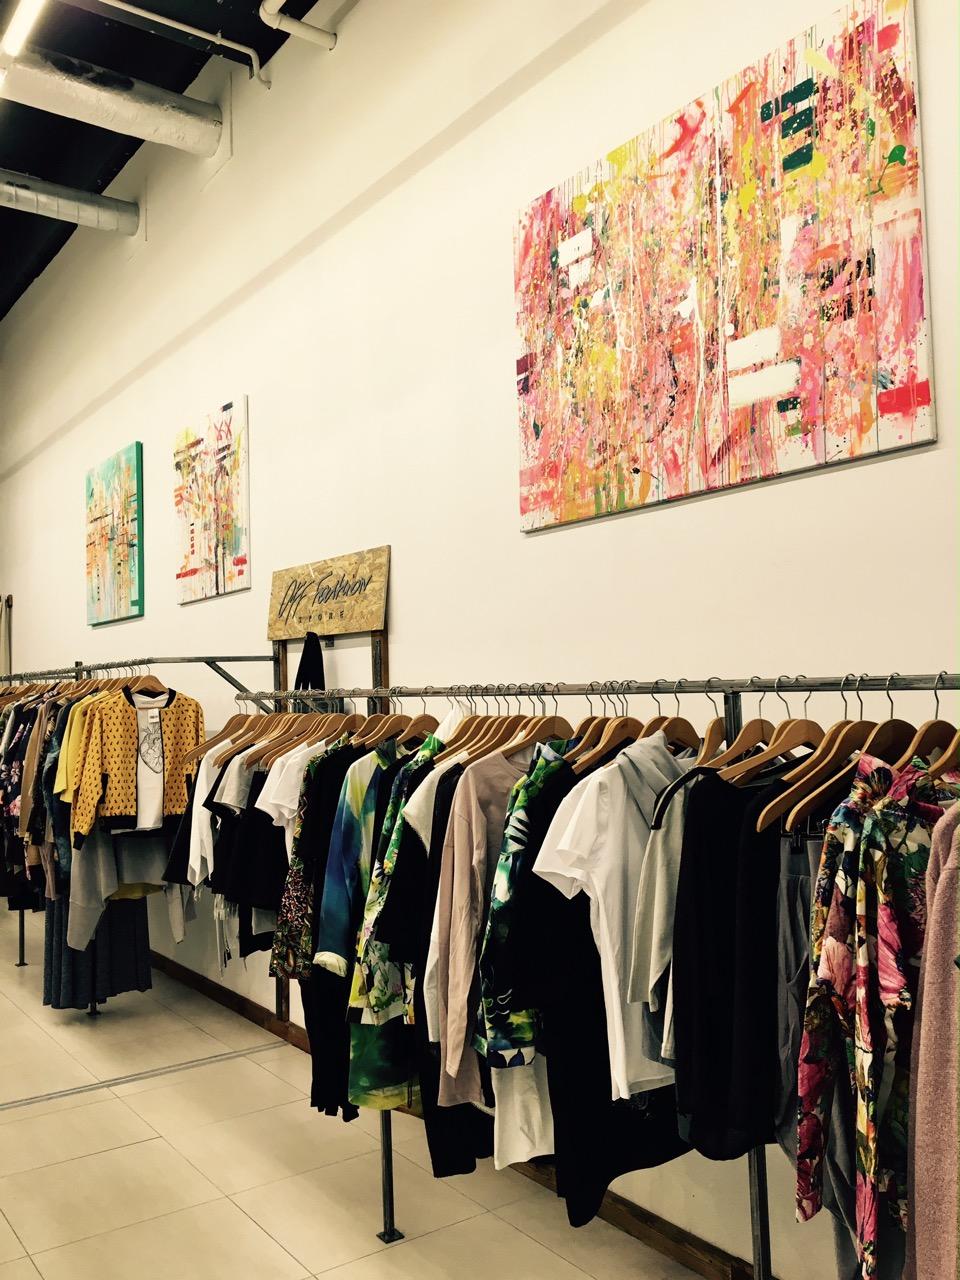 a8b46d3caa OFF Fashion Store to tzw. concept store. Zrodził się z pomysłu polskich  artystów na stworzenie stacjonarnego butiku z najlepszymi polskimi  produktami ...